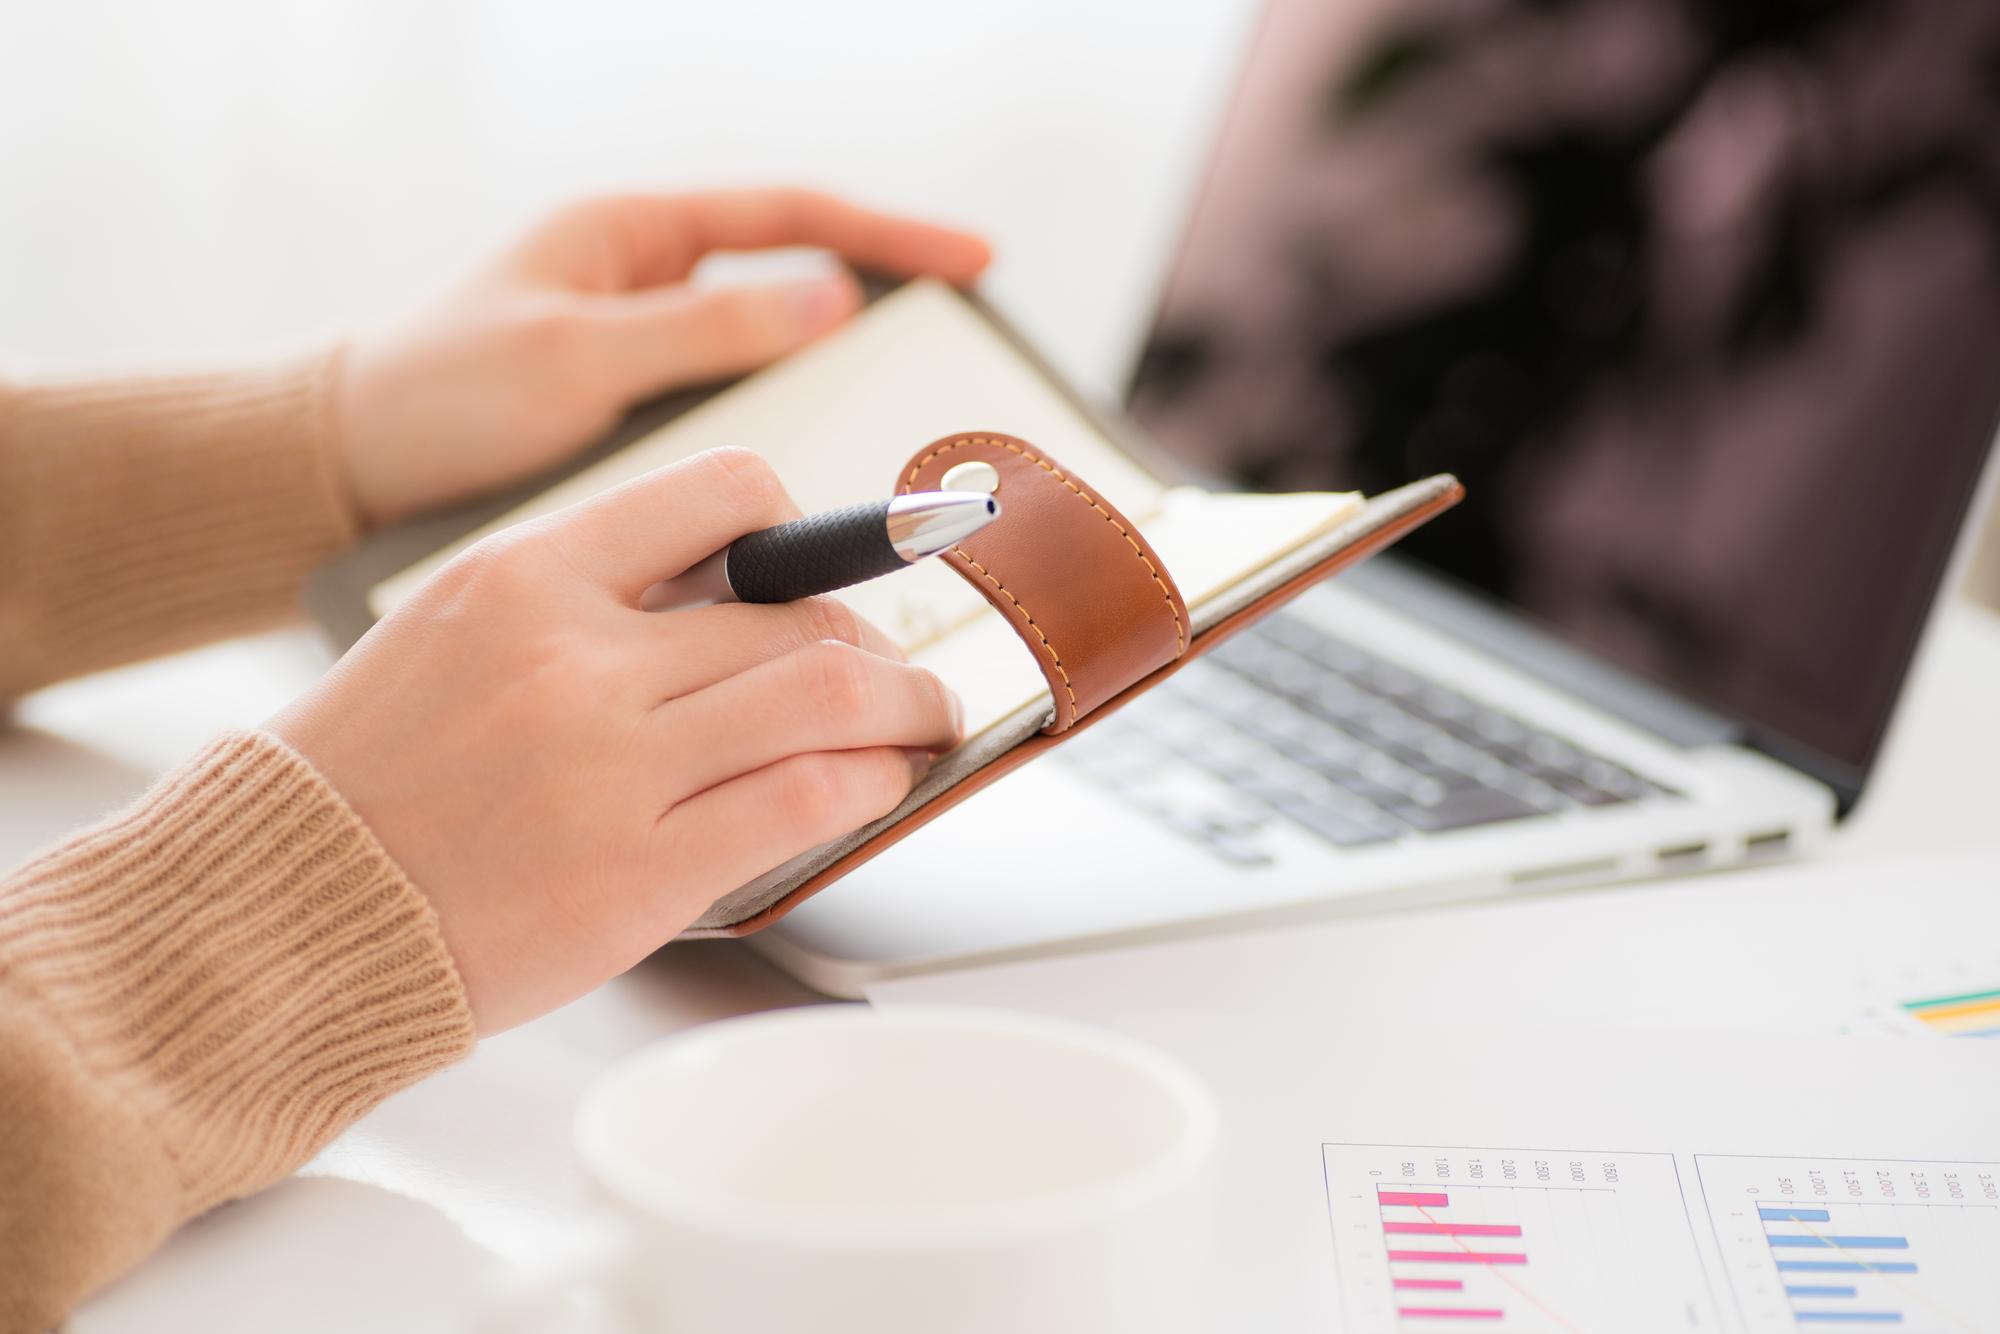 【業界研究】化粧品業界でよく使う用語「チャネル」の意味と働く環境の違い